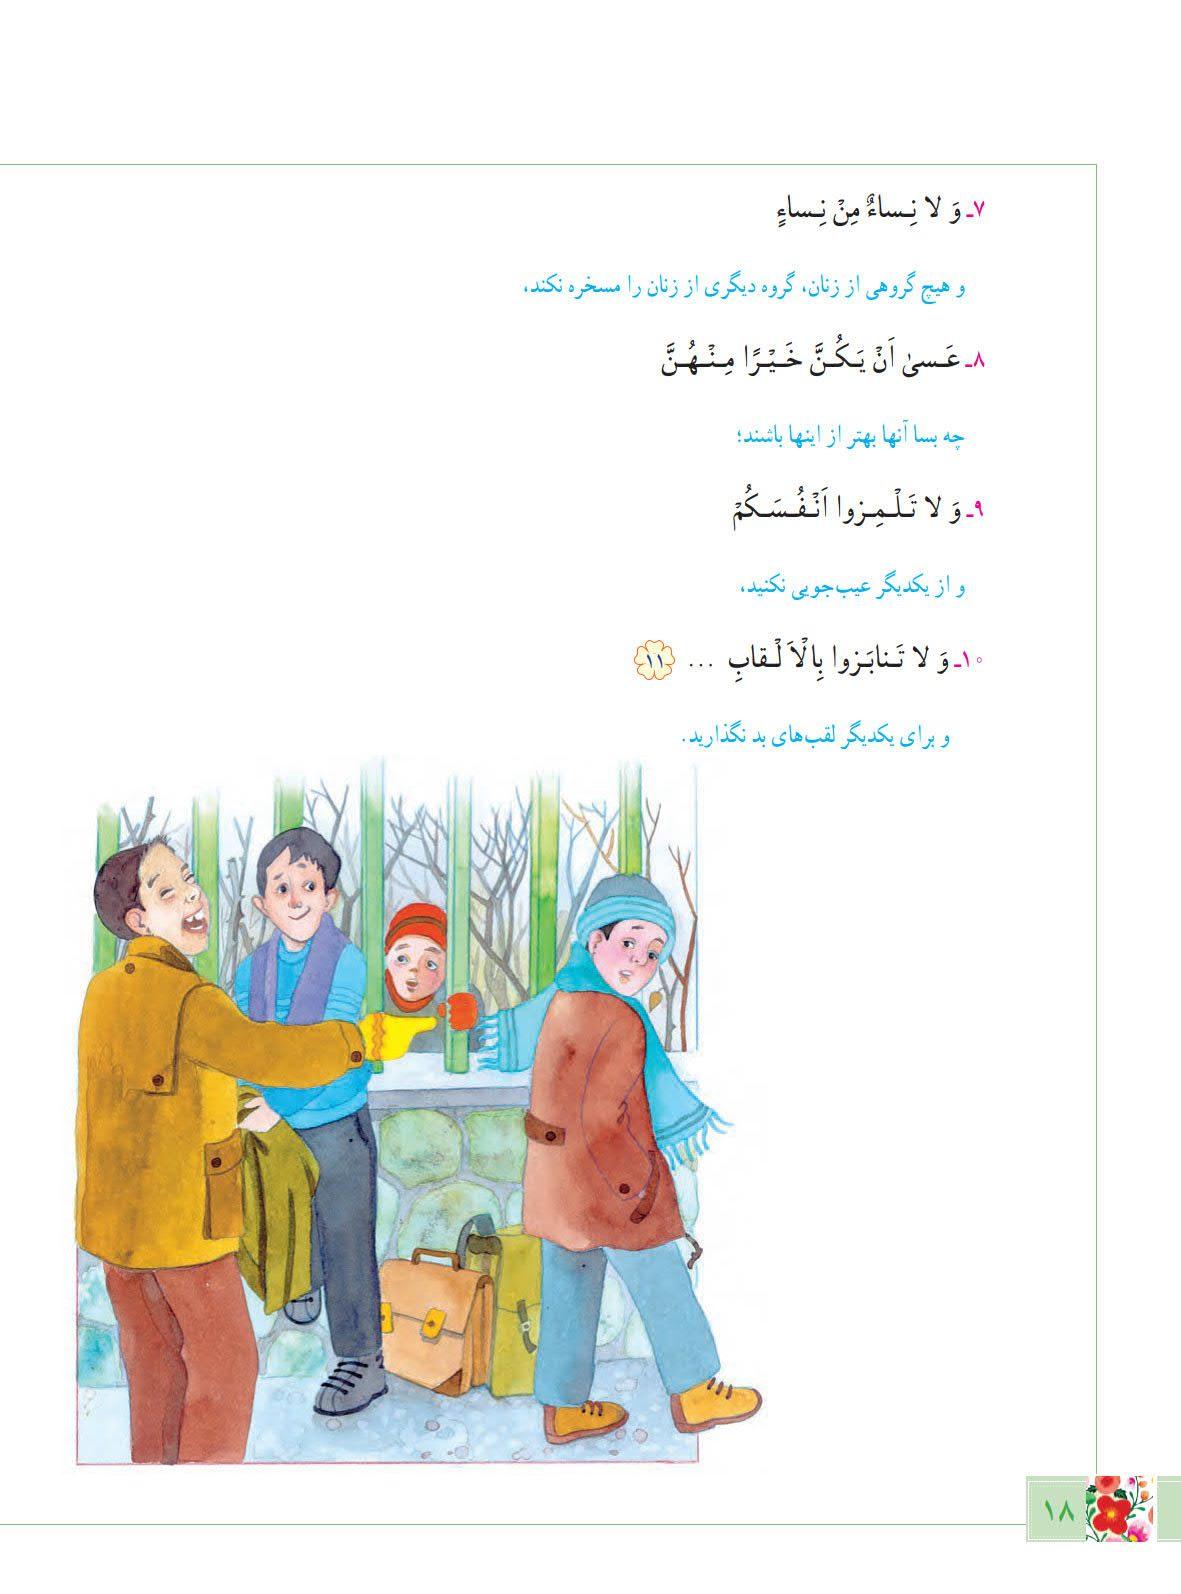 درس سوم آموزش قرآن پایه ششم ابتدایی - کلاس اینترنتی ما - مومکا - صفحه 18 - momeka.ir (1)